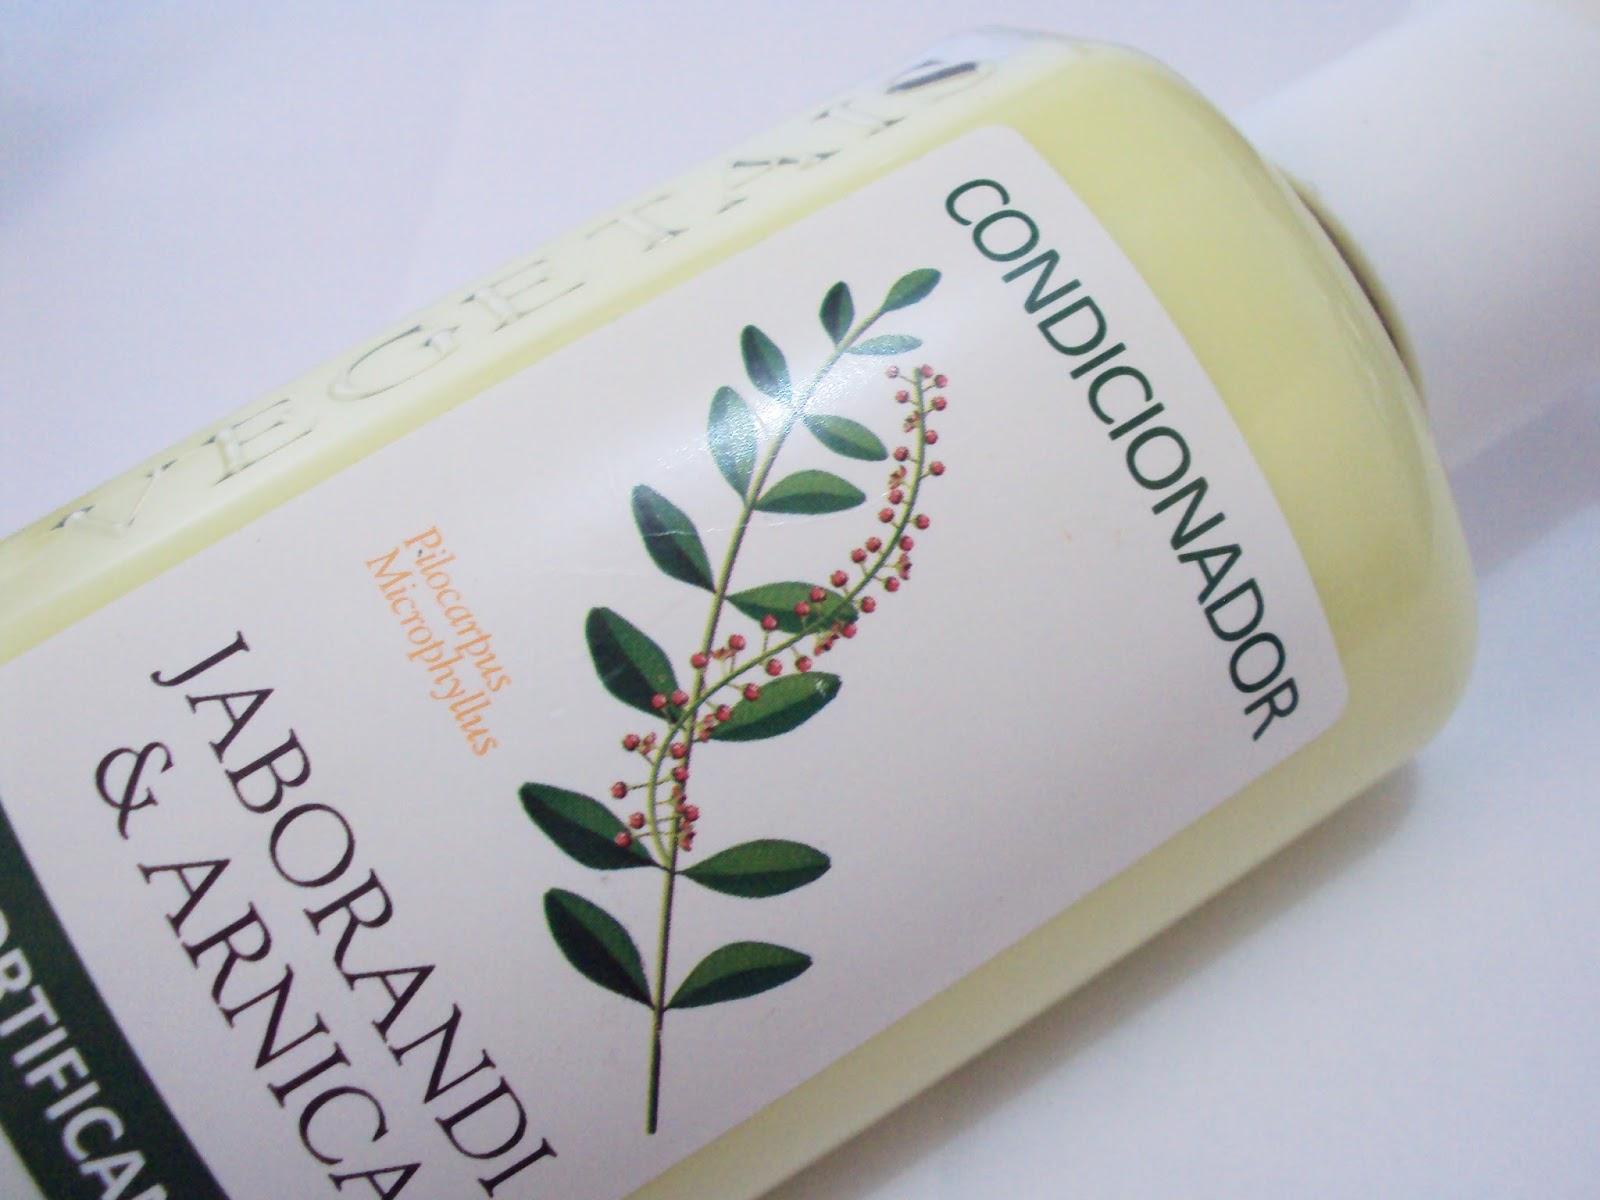 Segredos da Cáh Lima: Shampoo e Condicionador de Jaborandi e Arnica  #7F7C4C 1600 1200